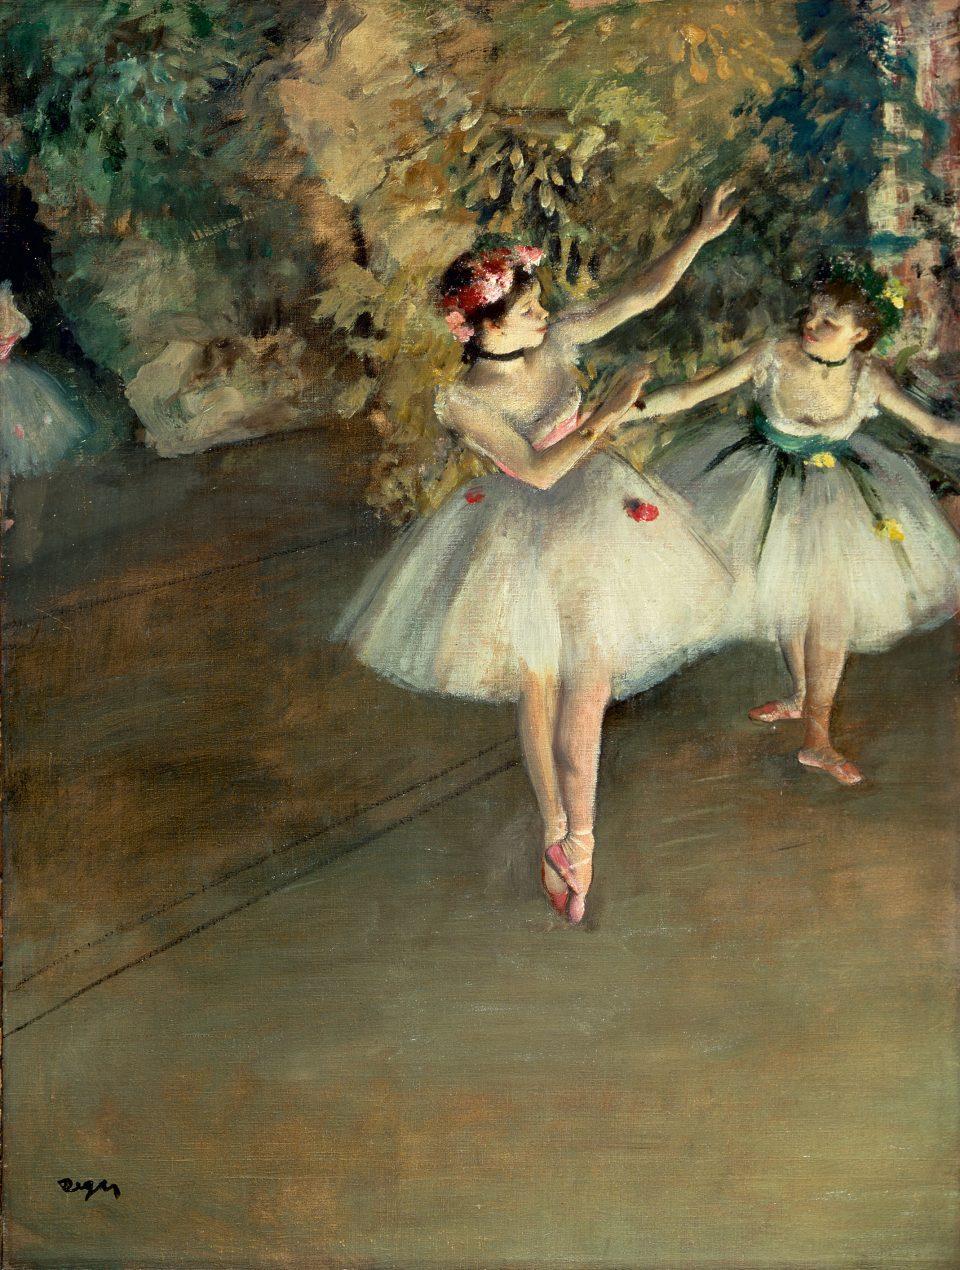 selezione migliore 1ee43 989c7 Le ballerine di Degas | IL SENSO DEL BELLO